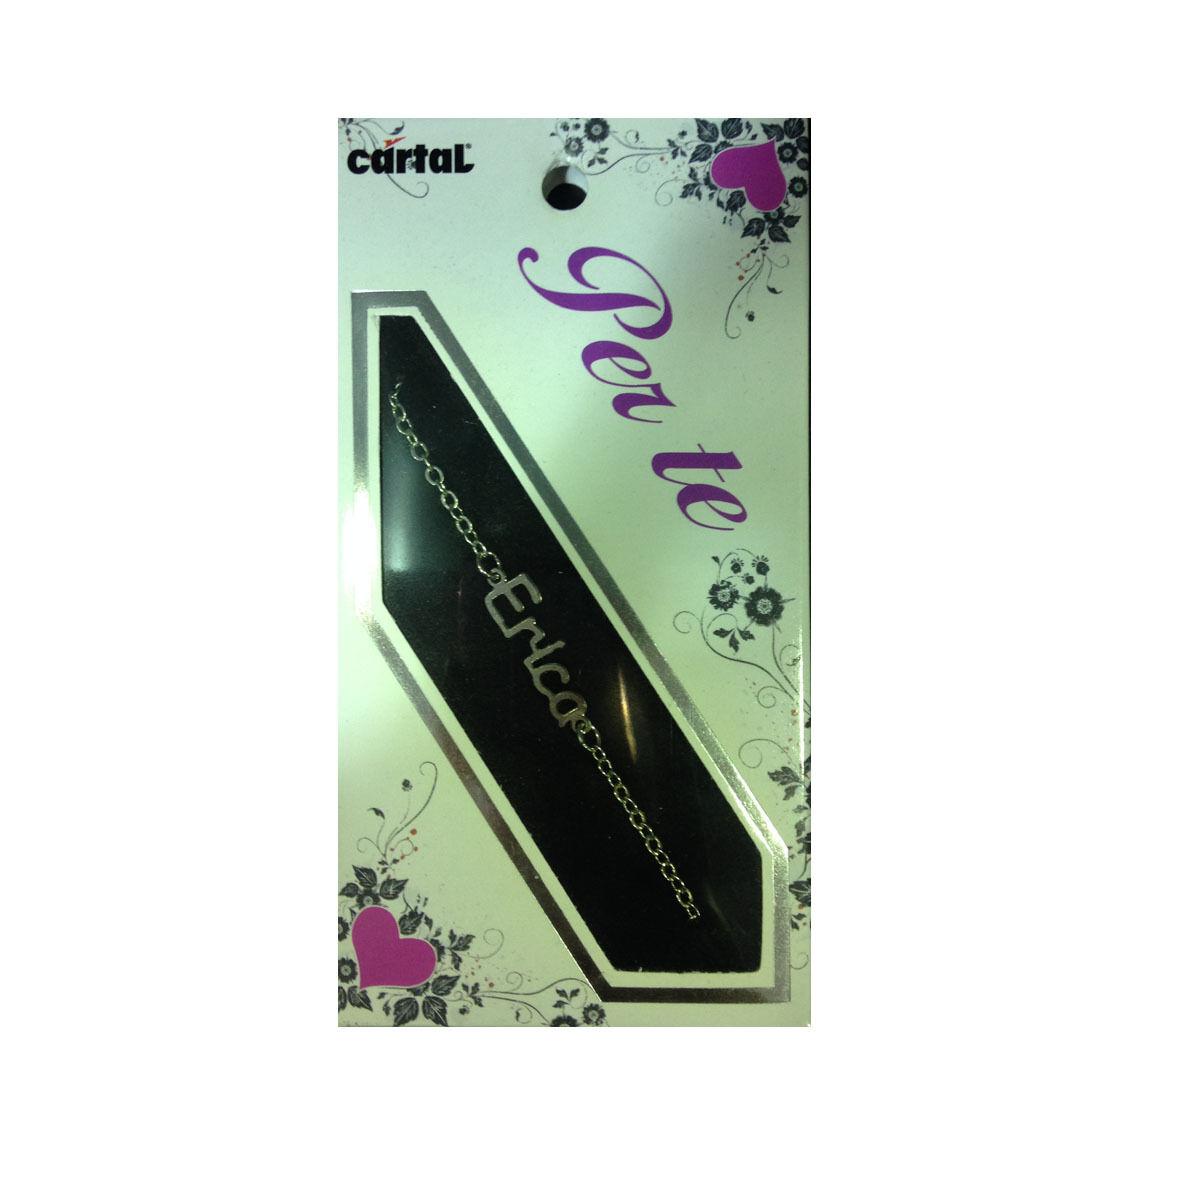 PER TE braccialetto con nome ERICA idea regalo femminile ed elegante